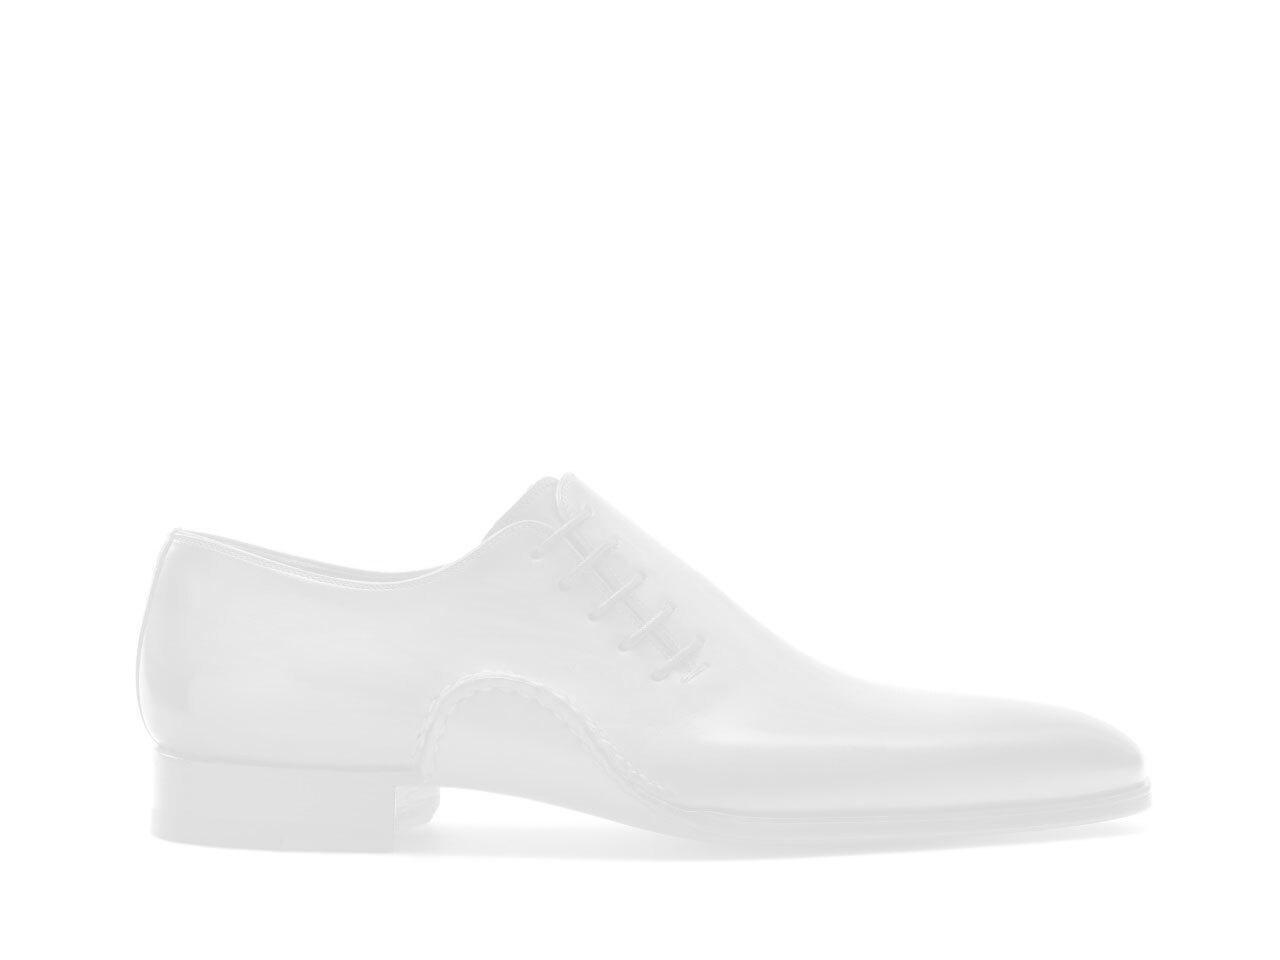 Side view of the Magnanni Lyle Cognac Suede Men's Derby Shoes